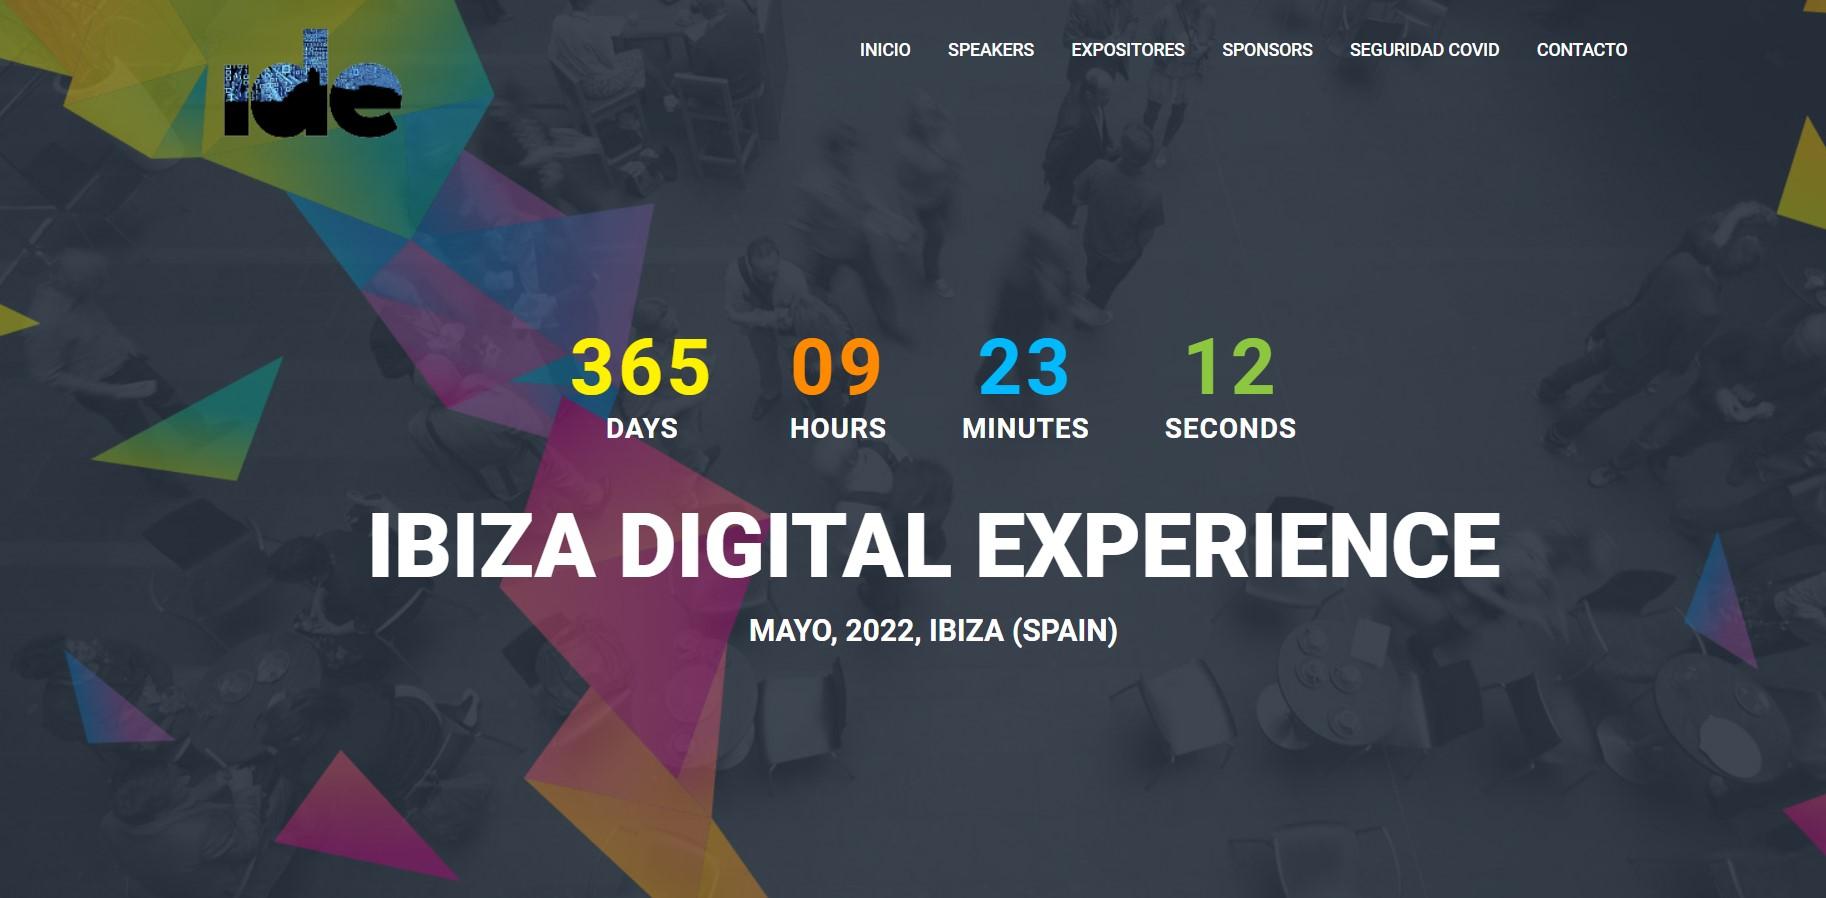 Ibiza Digital Experience